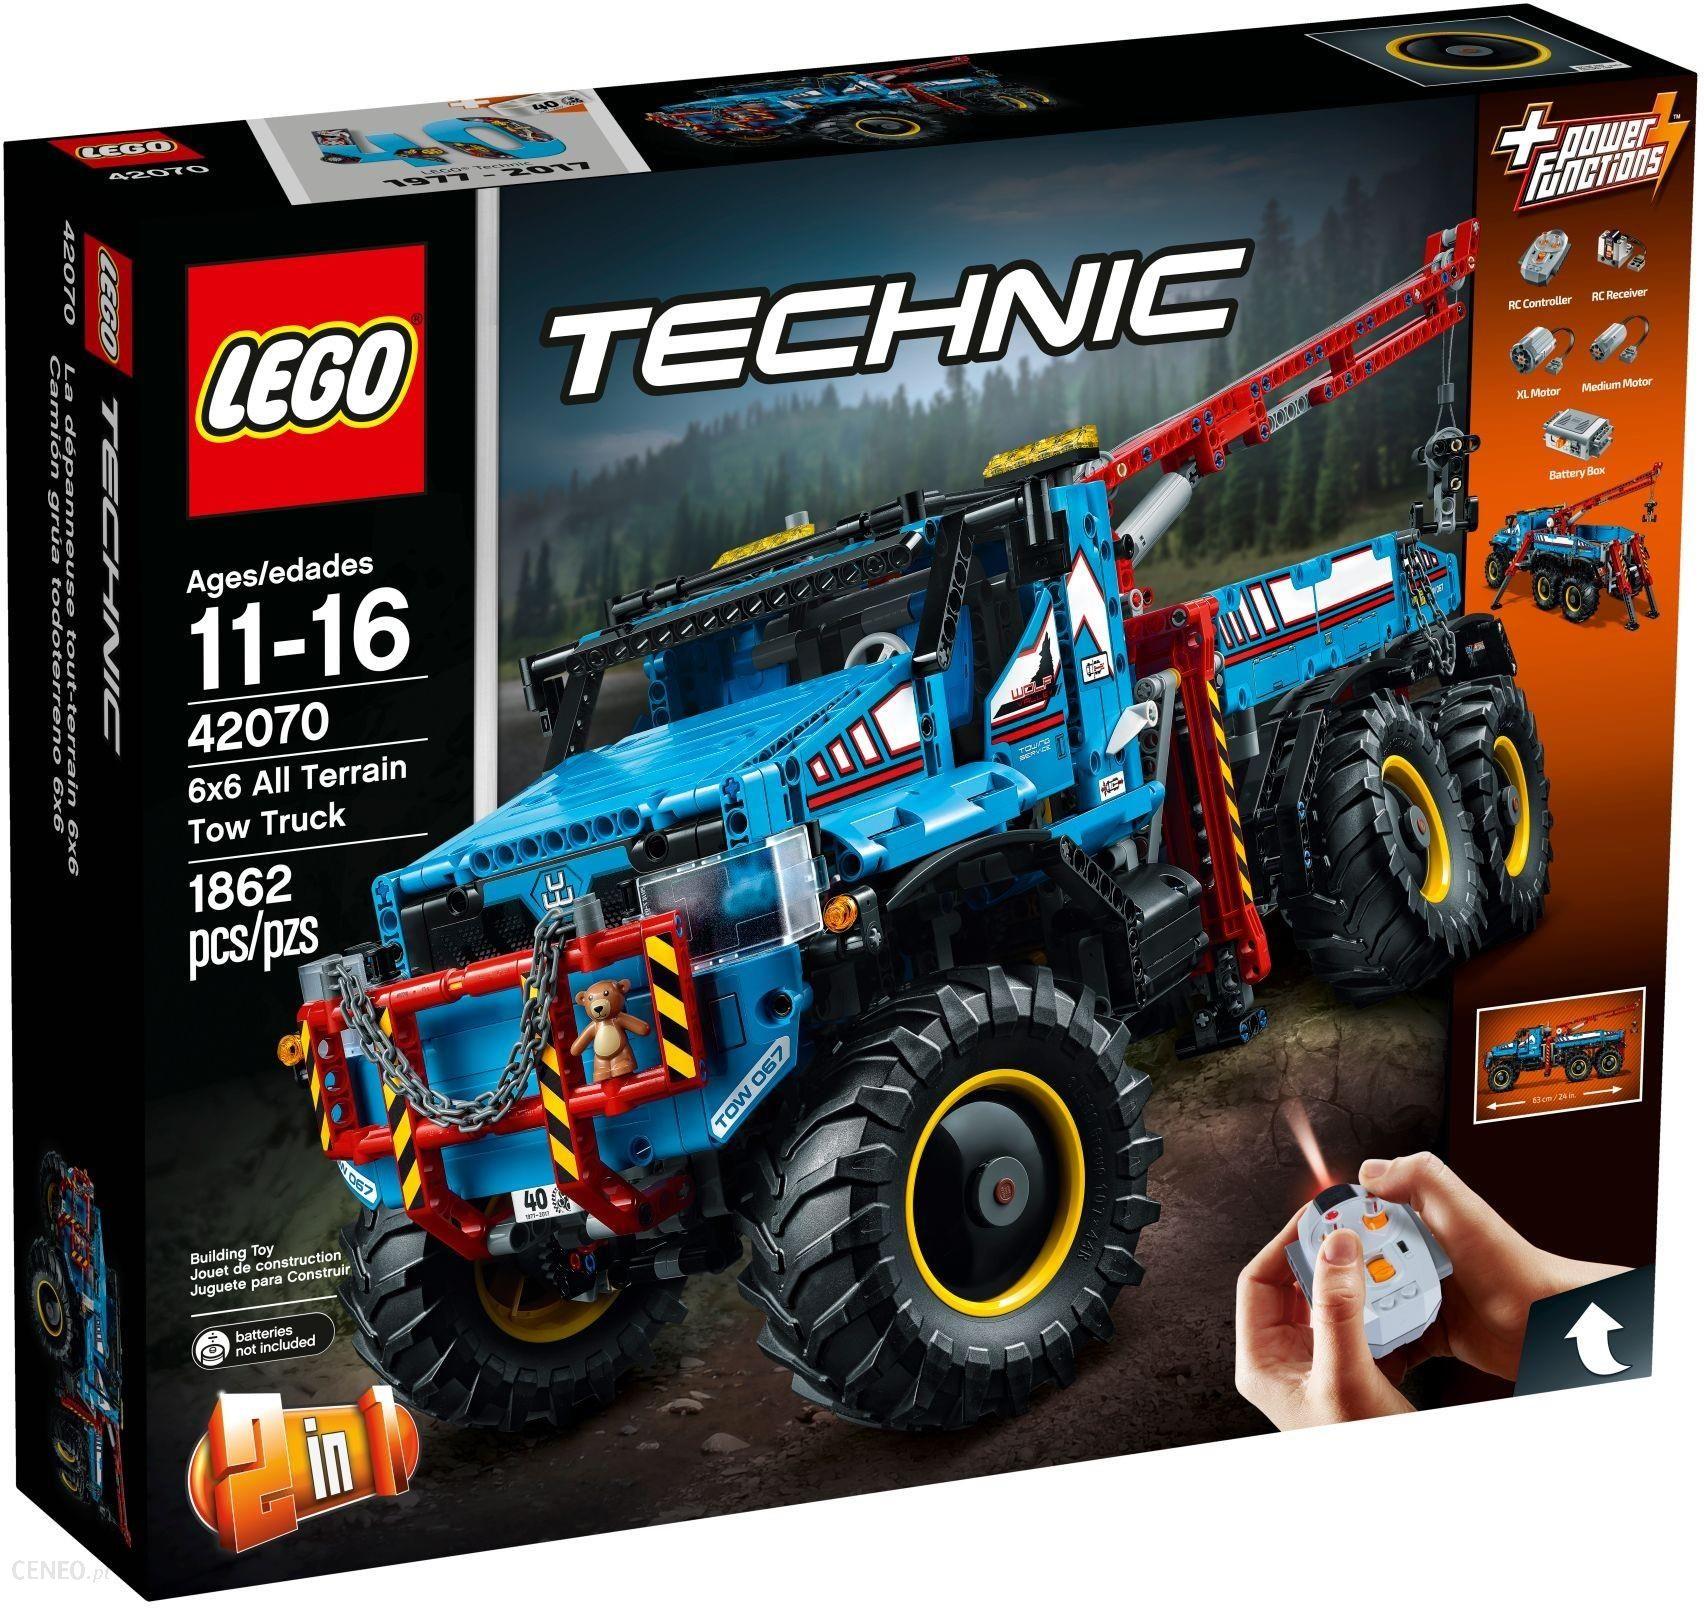 Klocki Lego Technic Terenowy Holownik 6x6 42070 Ceny I Opinie